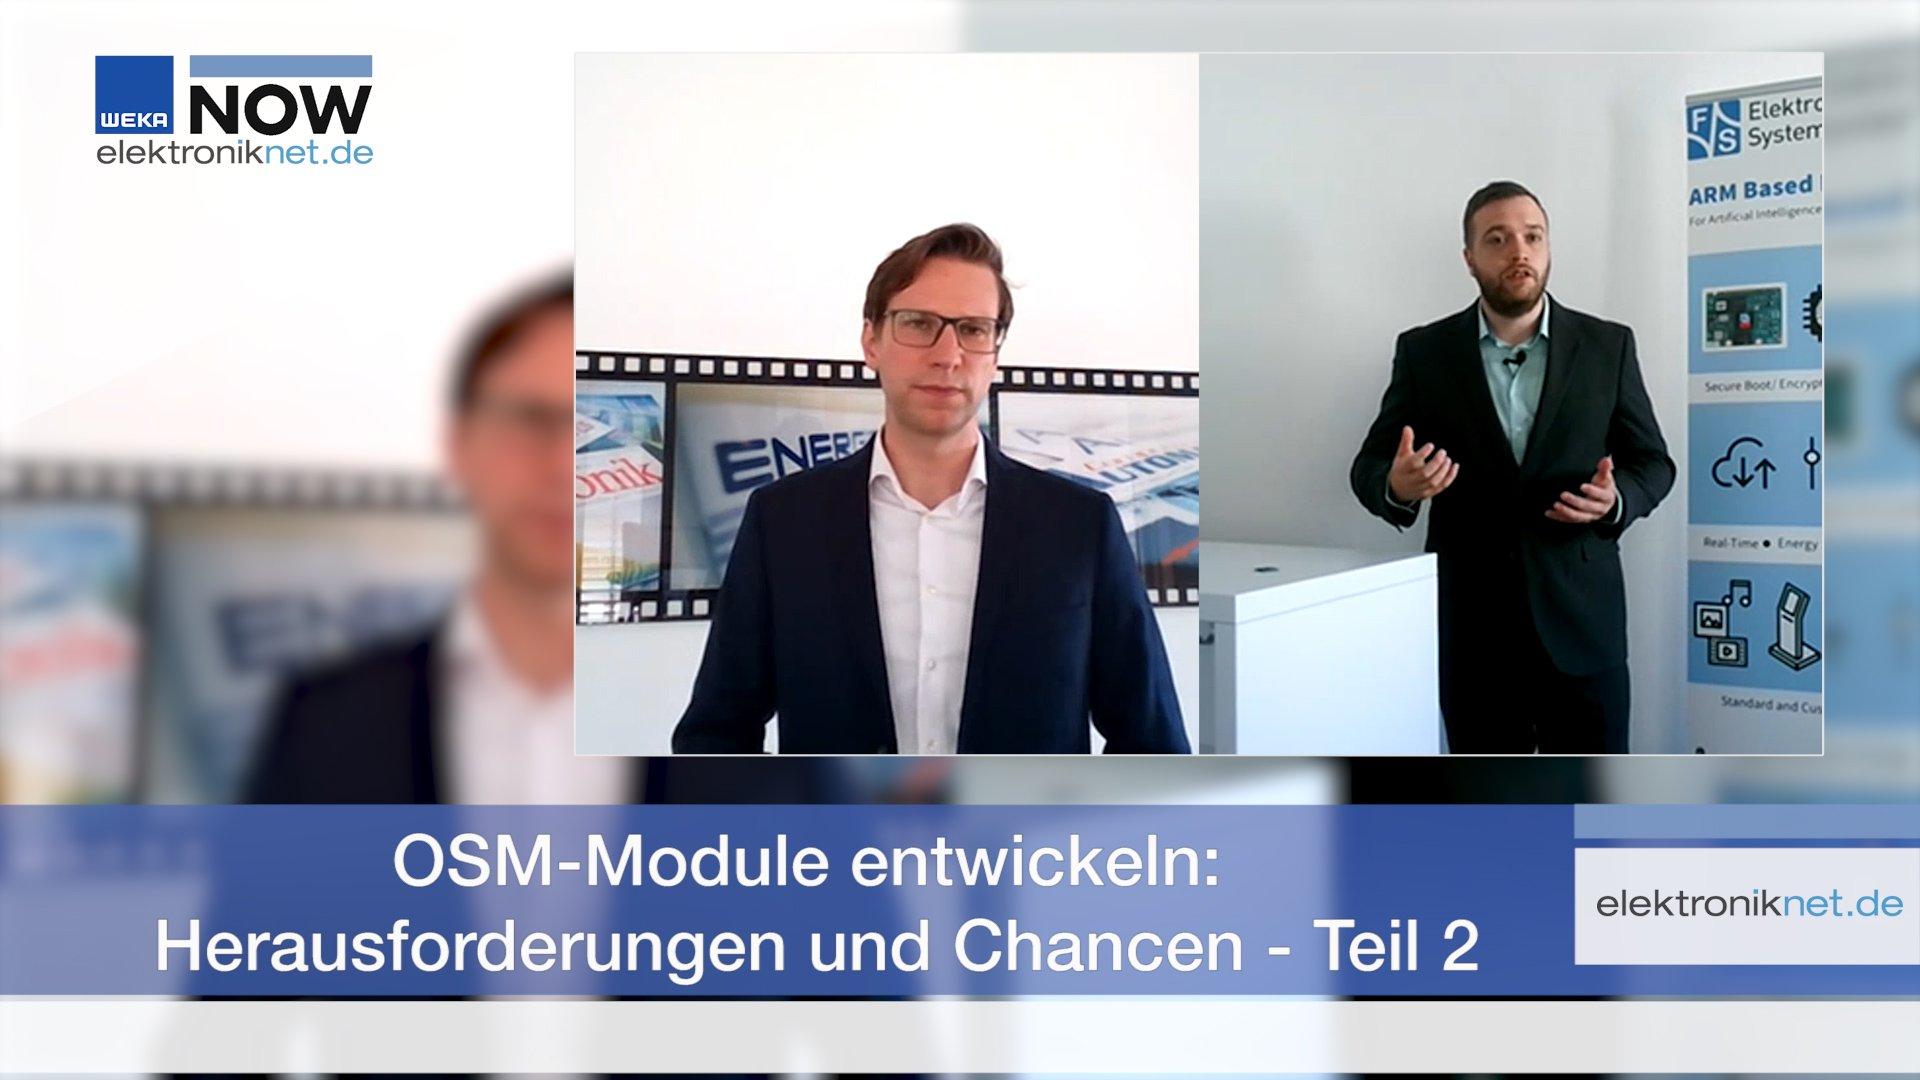 OSM-Module entwickeln: Herausforderungen und Chancen – Teil 2